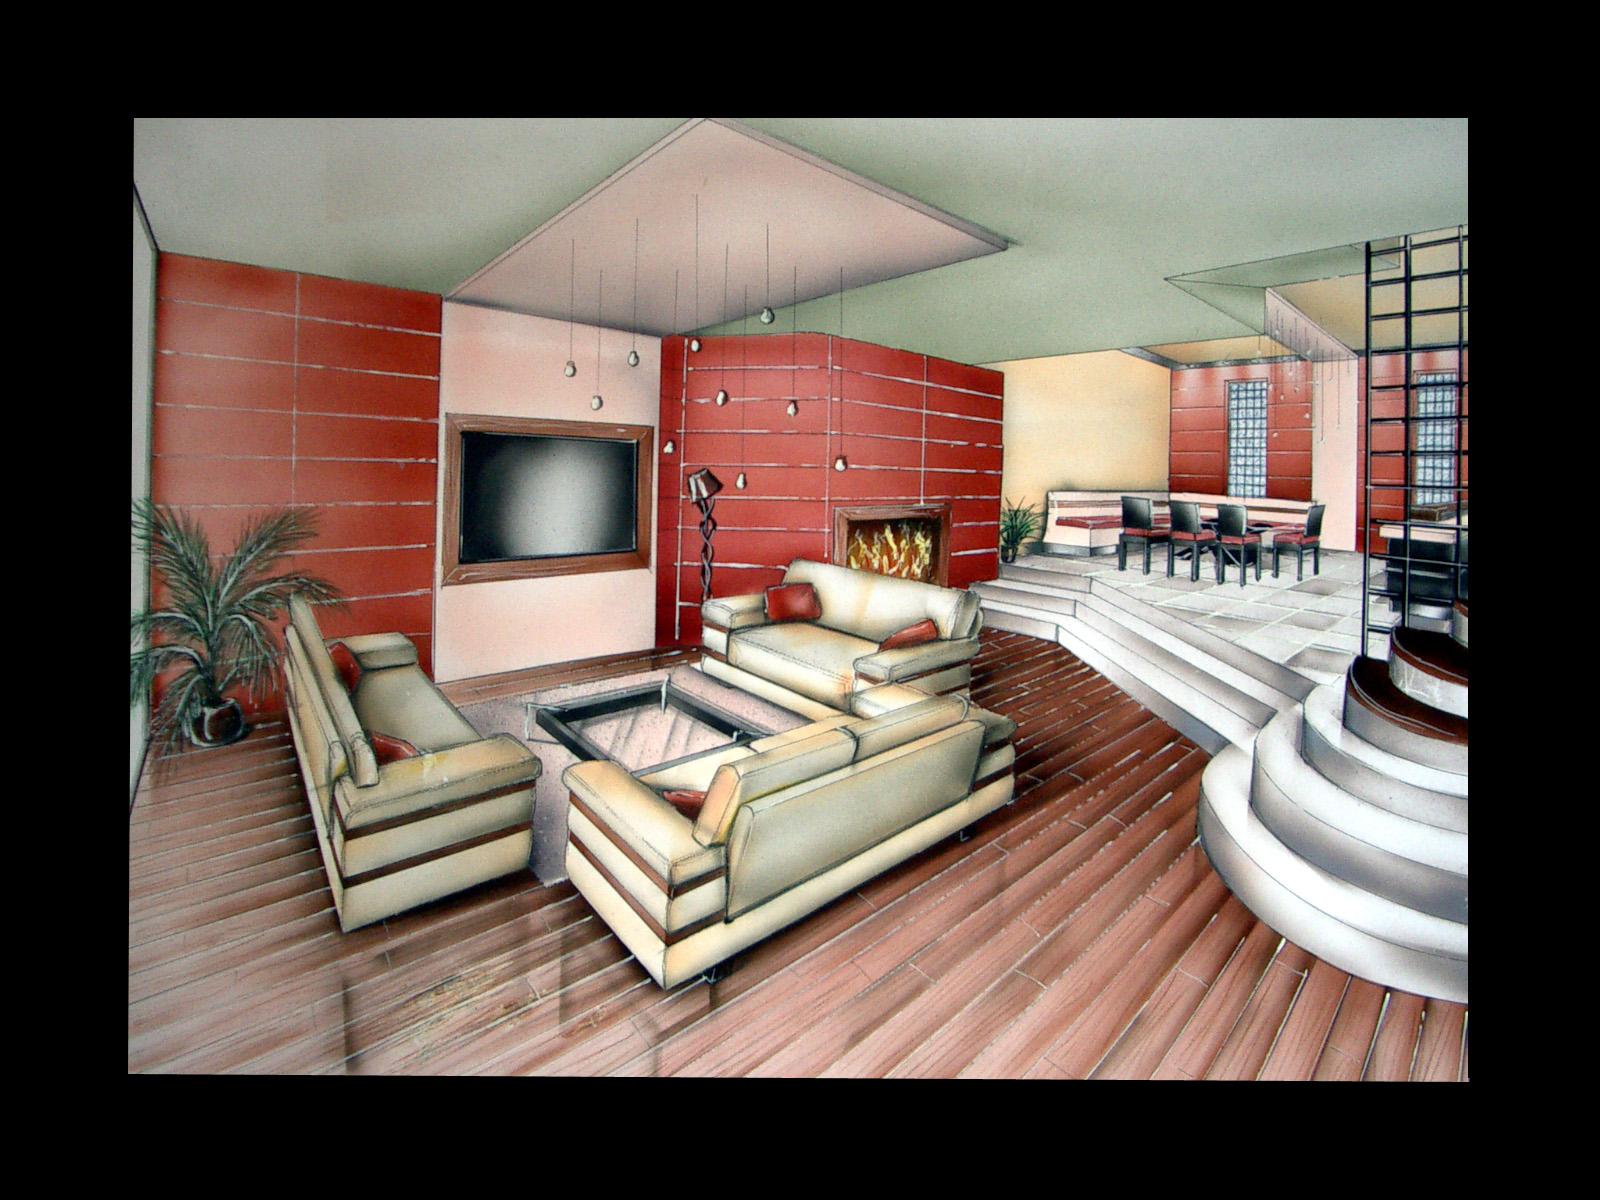 Mon Book D 39 Architecte D 39 Int Rieur R Alisation Feutres Et A Rographe Blog Lilou0860 Page 4